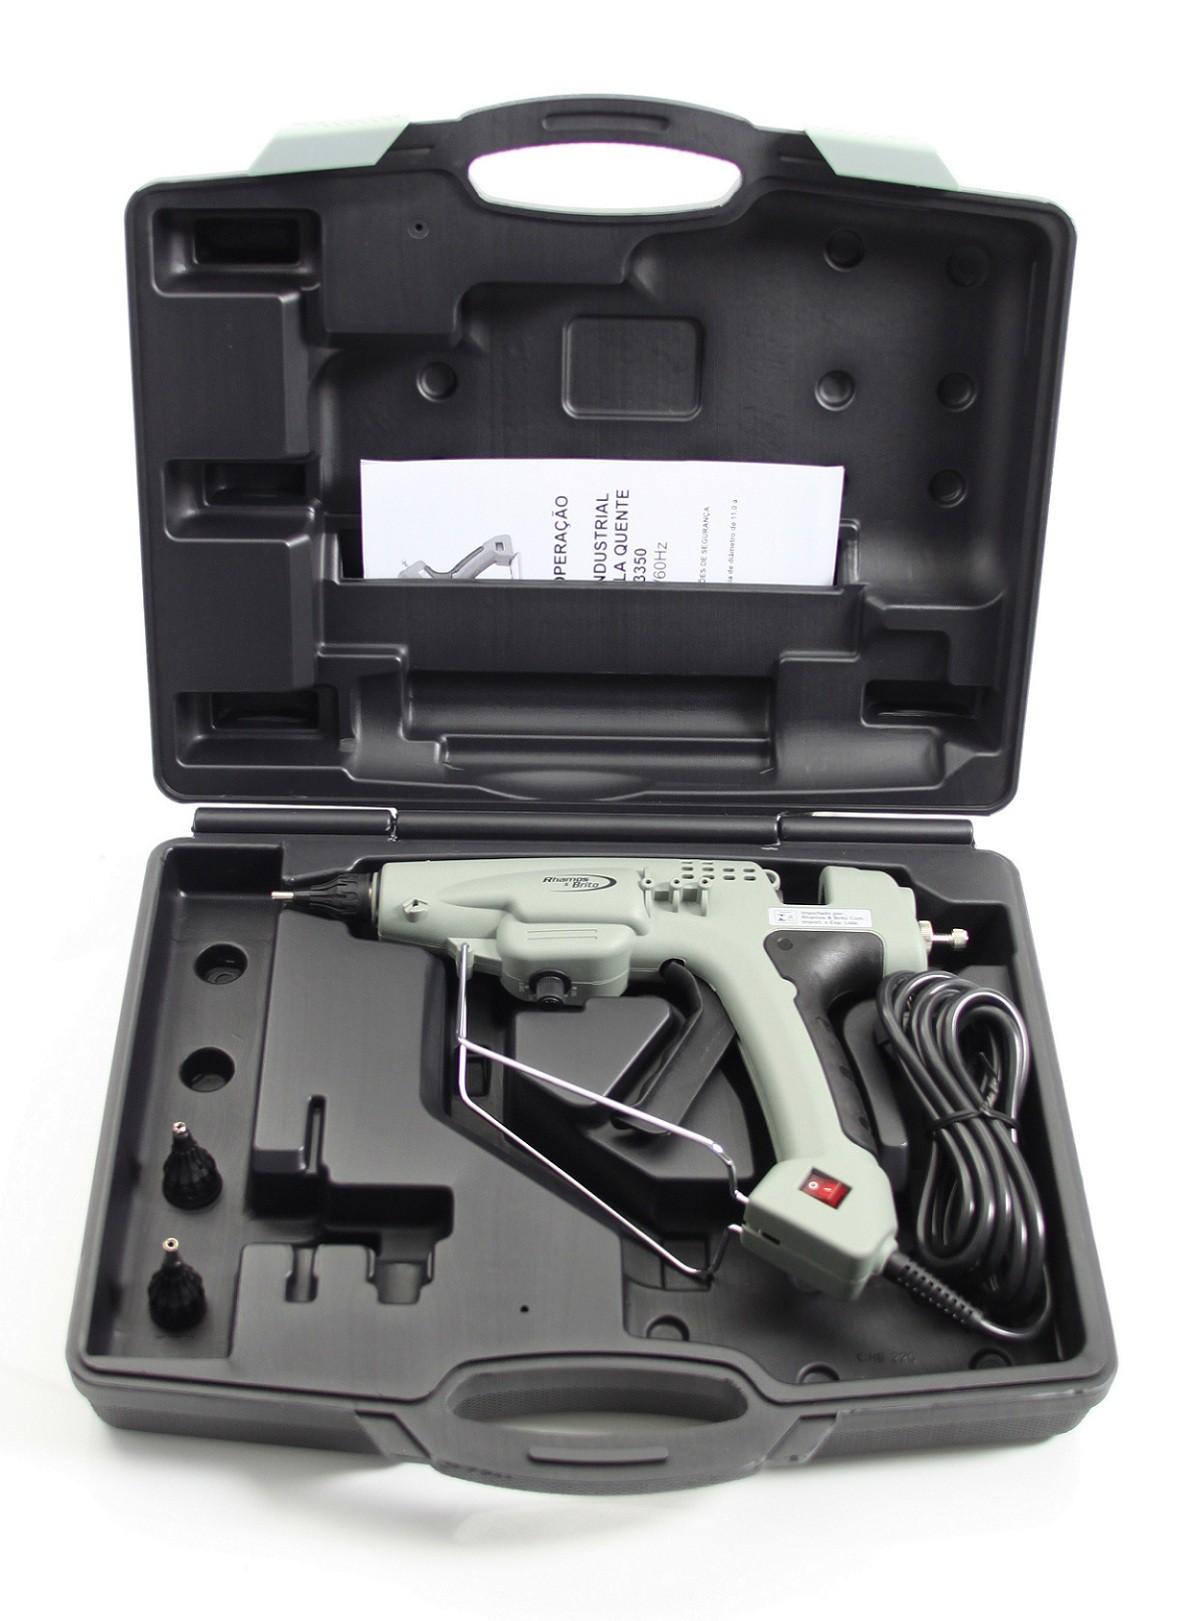 Pistola de Cola Quente Grossa Industrial 300W - K-3350 (Bastão de Cola Quente grosso 11,5mm)